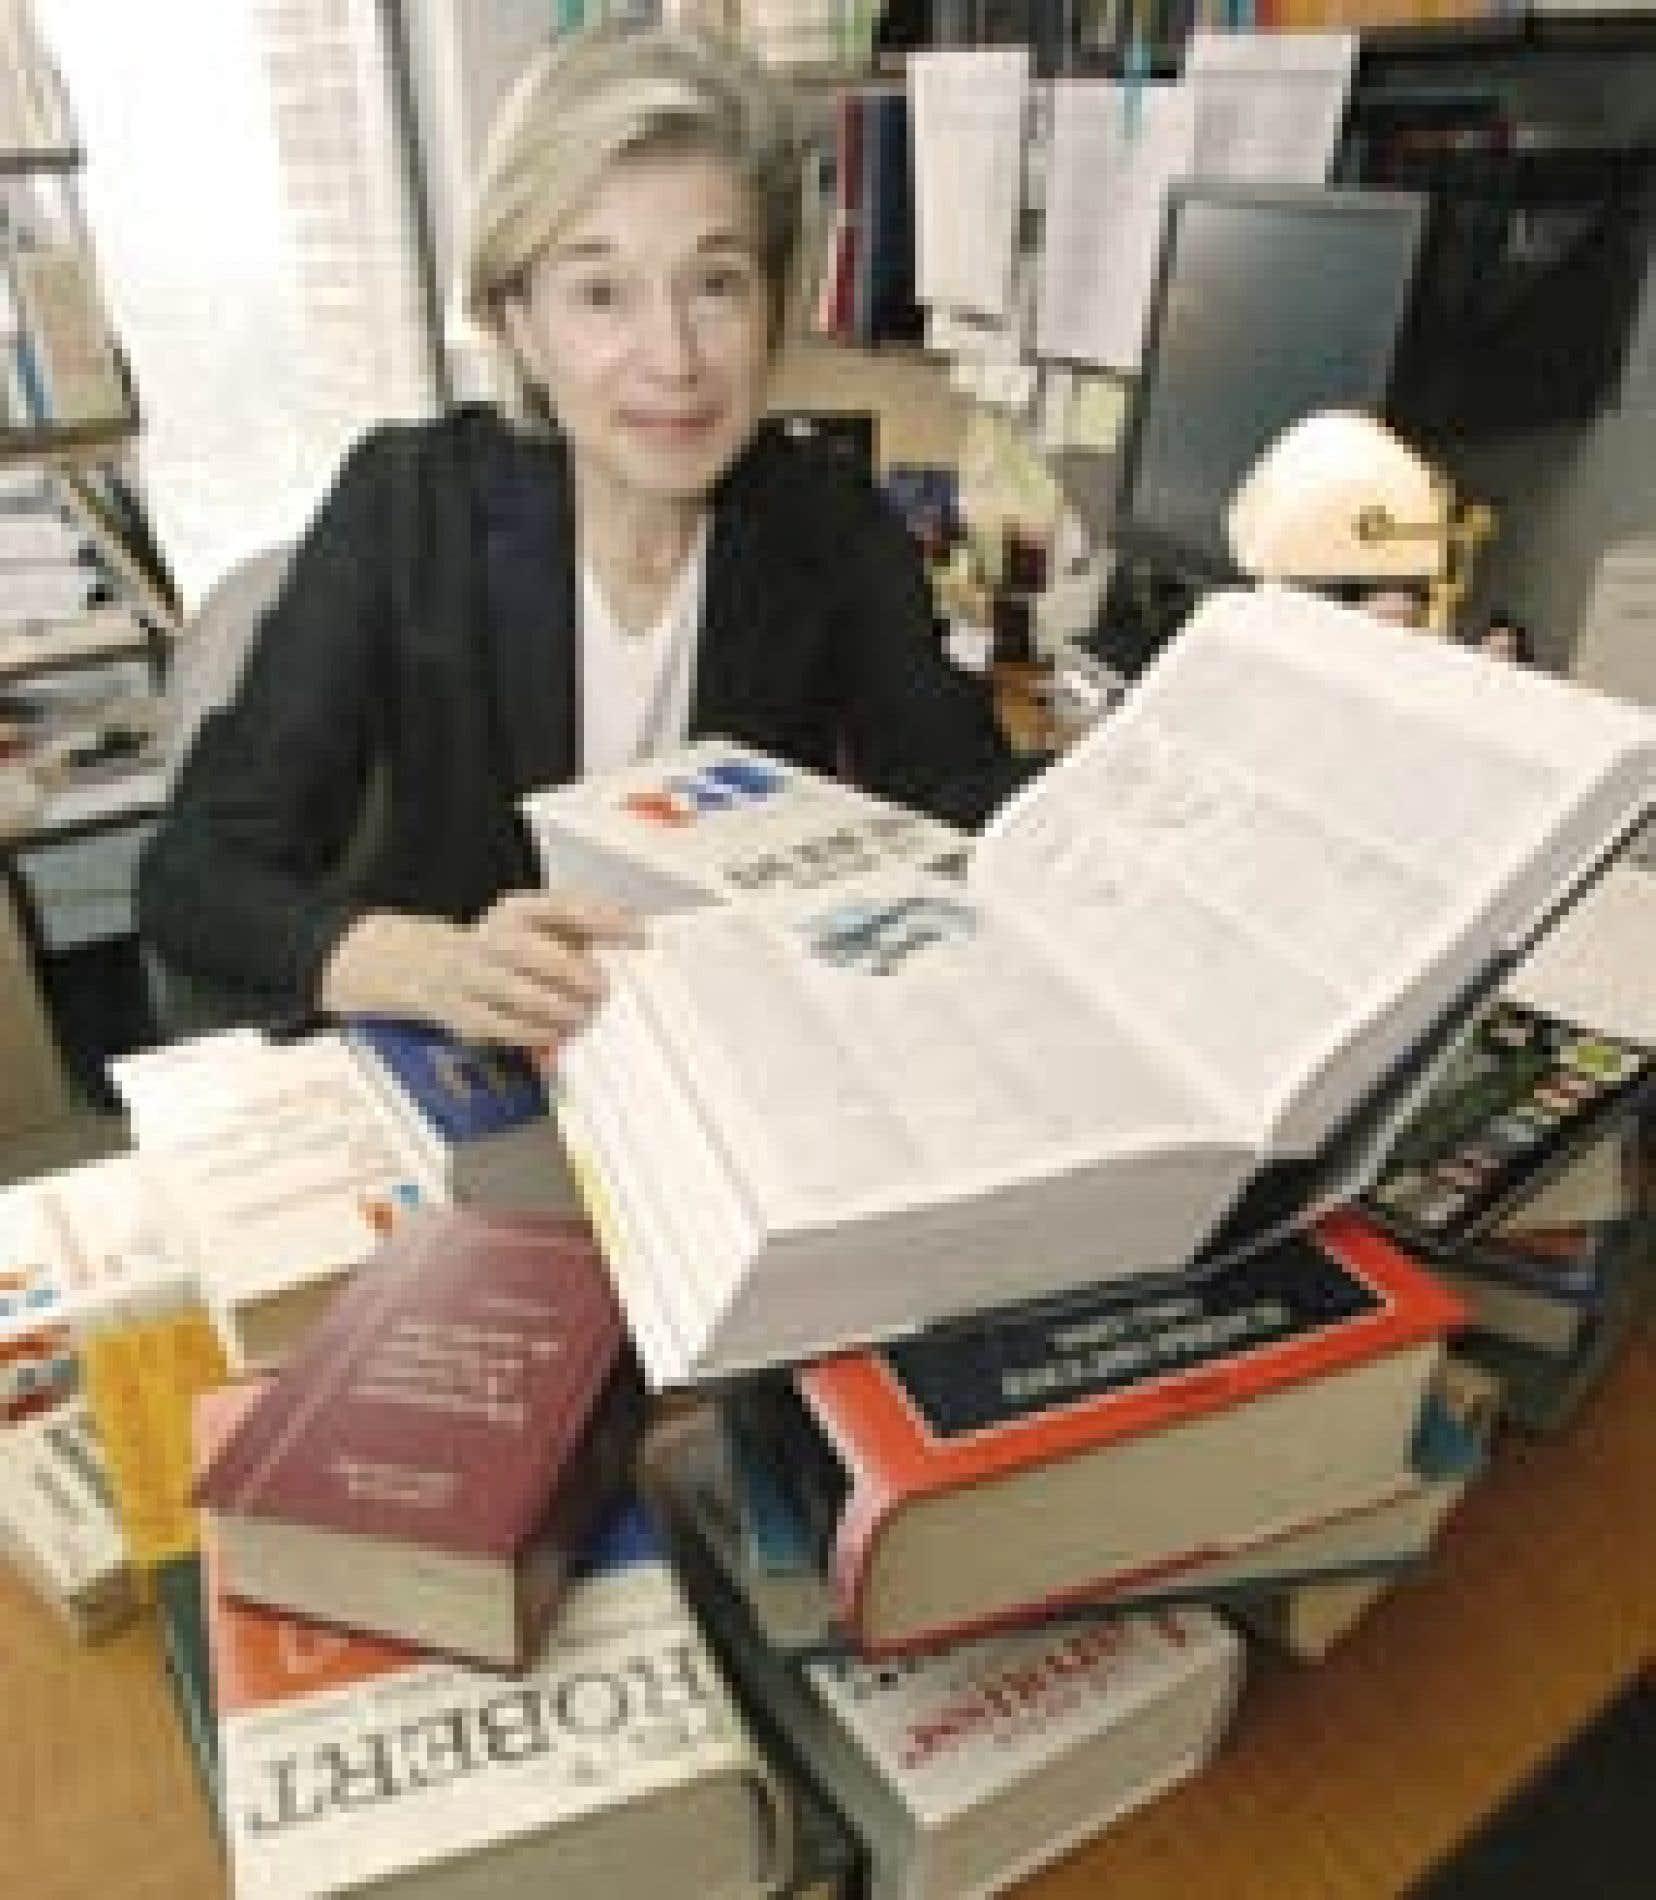 Source Université de Montréal Monique C. Cormier, professeure au département de linguistique et de traduction de l'Université de Montréal.